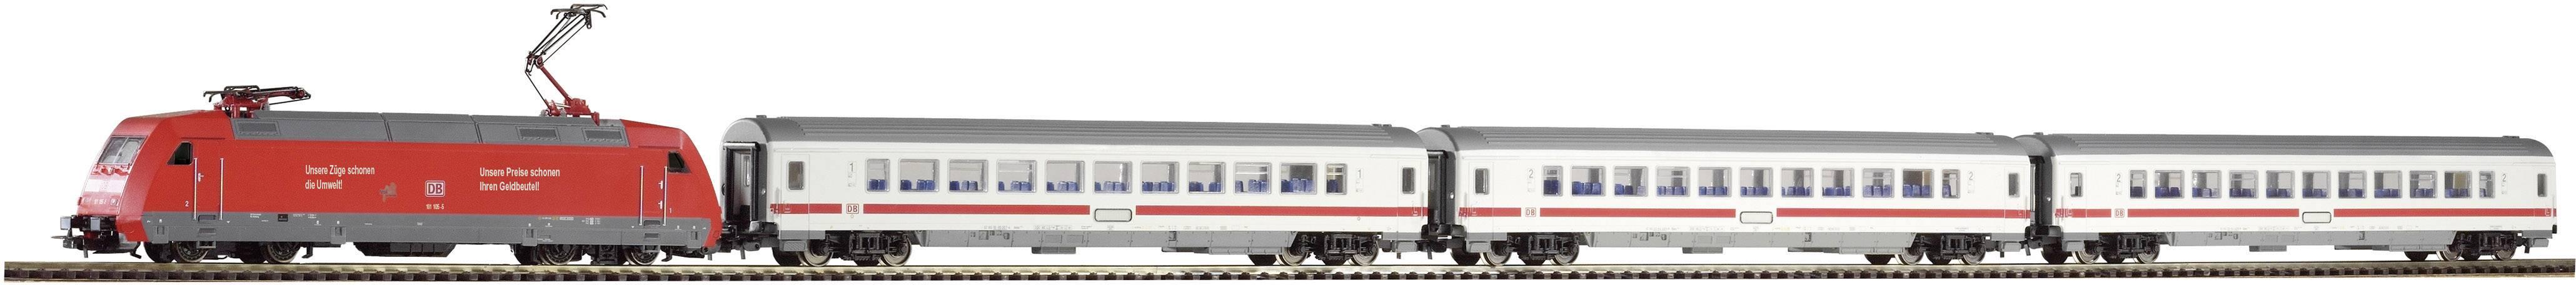 Startovací sada H0 osobního vlaku a elektrické lokomotivy řady 101 Piko 59100